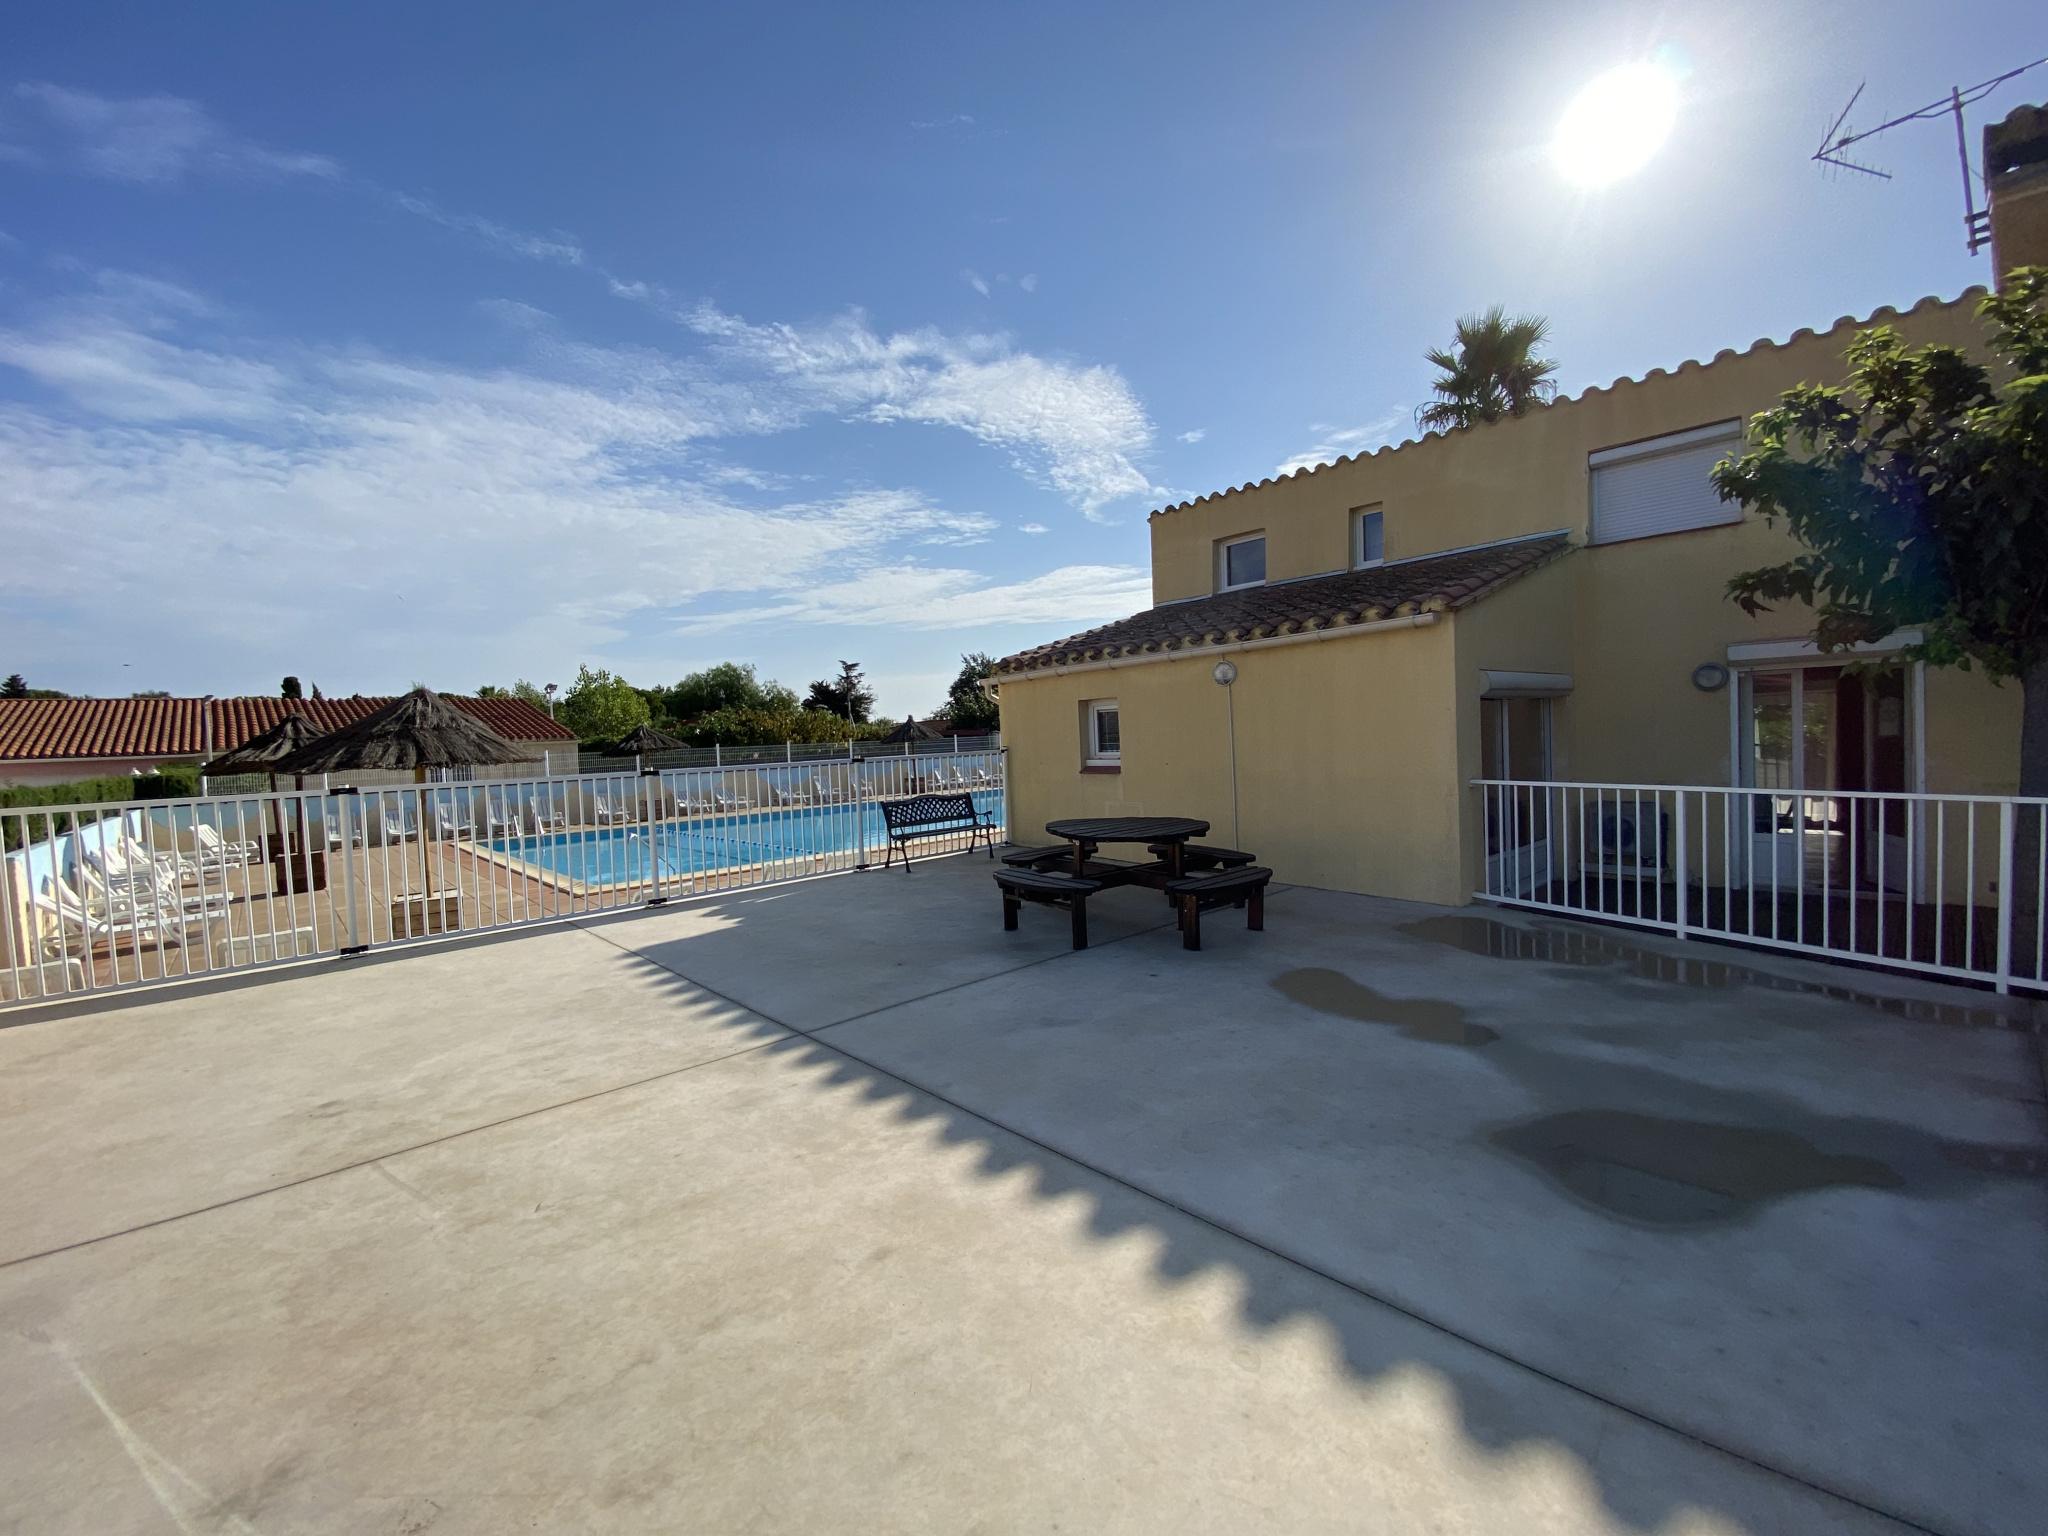 À vendre appartement de 71m2 à argeles sur mer (66700) - Photo 13'